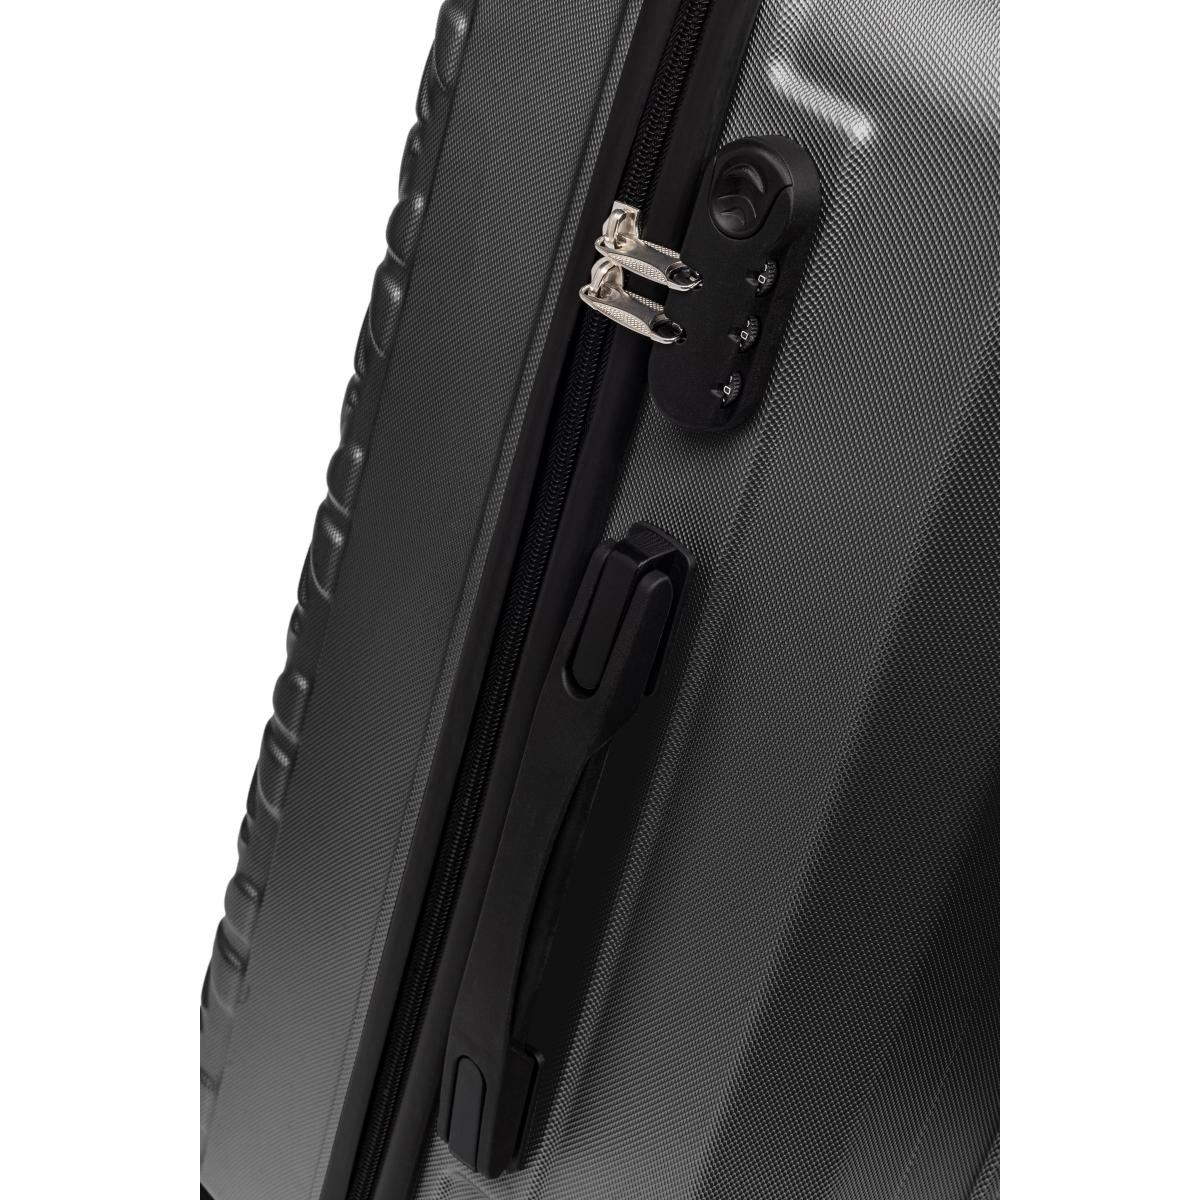 Gedox Abs 3'lü Valiz Seyahat Seti - Model:800.01 Siyah